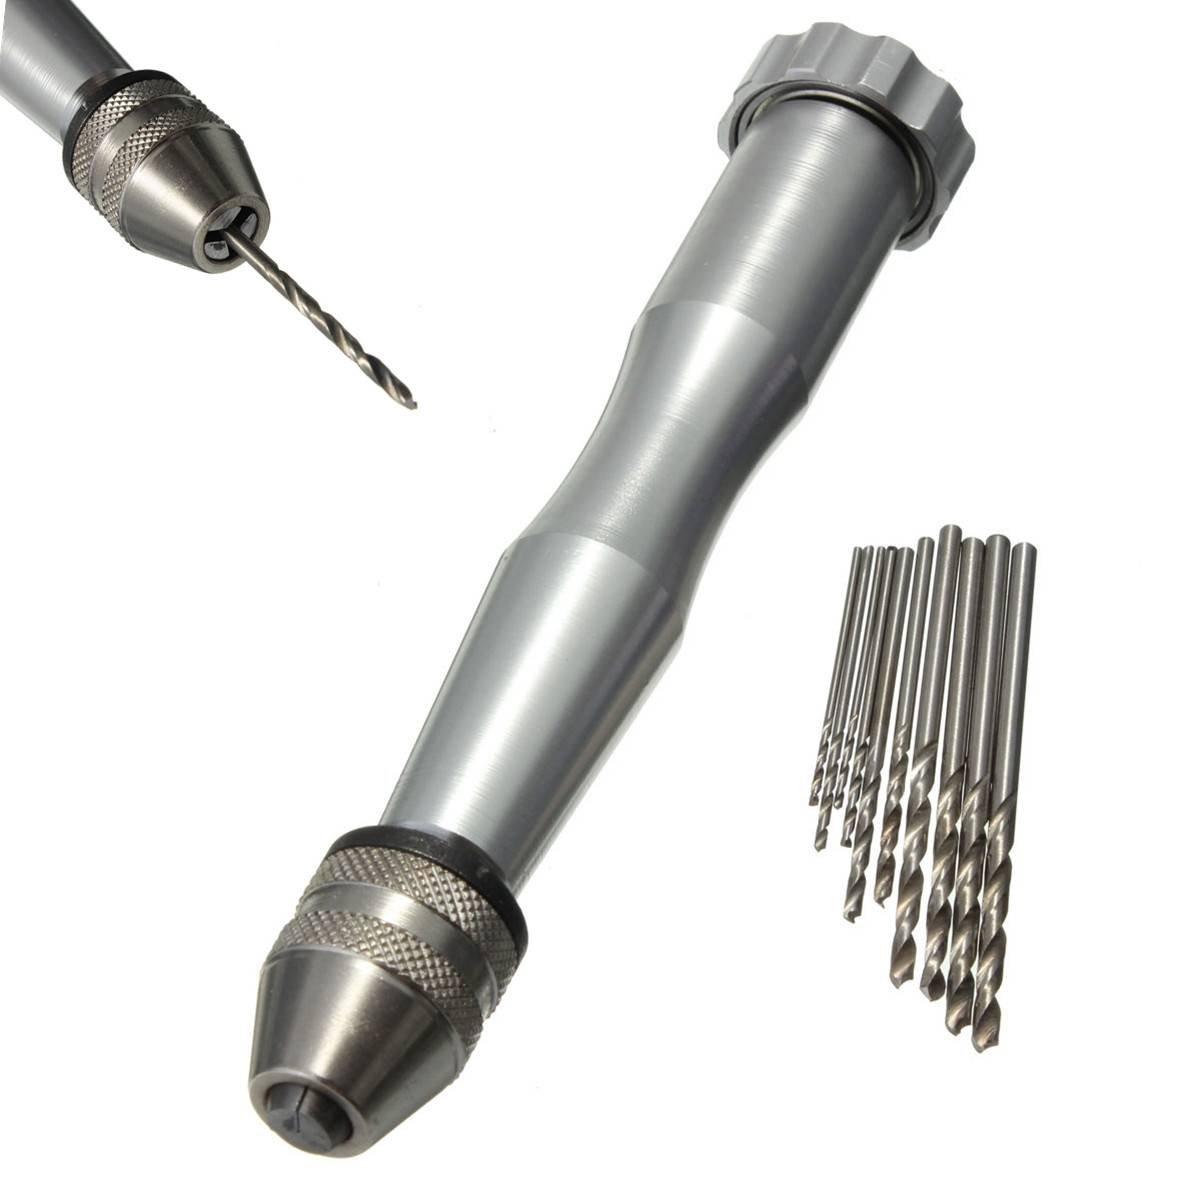 1x Micro Aluminum Hand Drill Drilling With Keyless Chuck +10x Twist Drills Bits